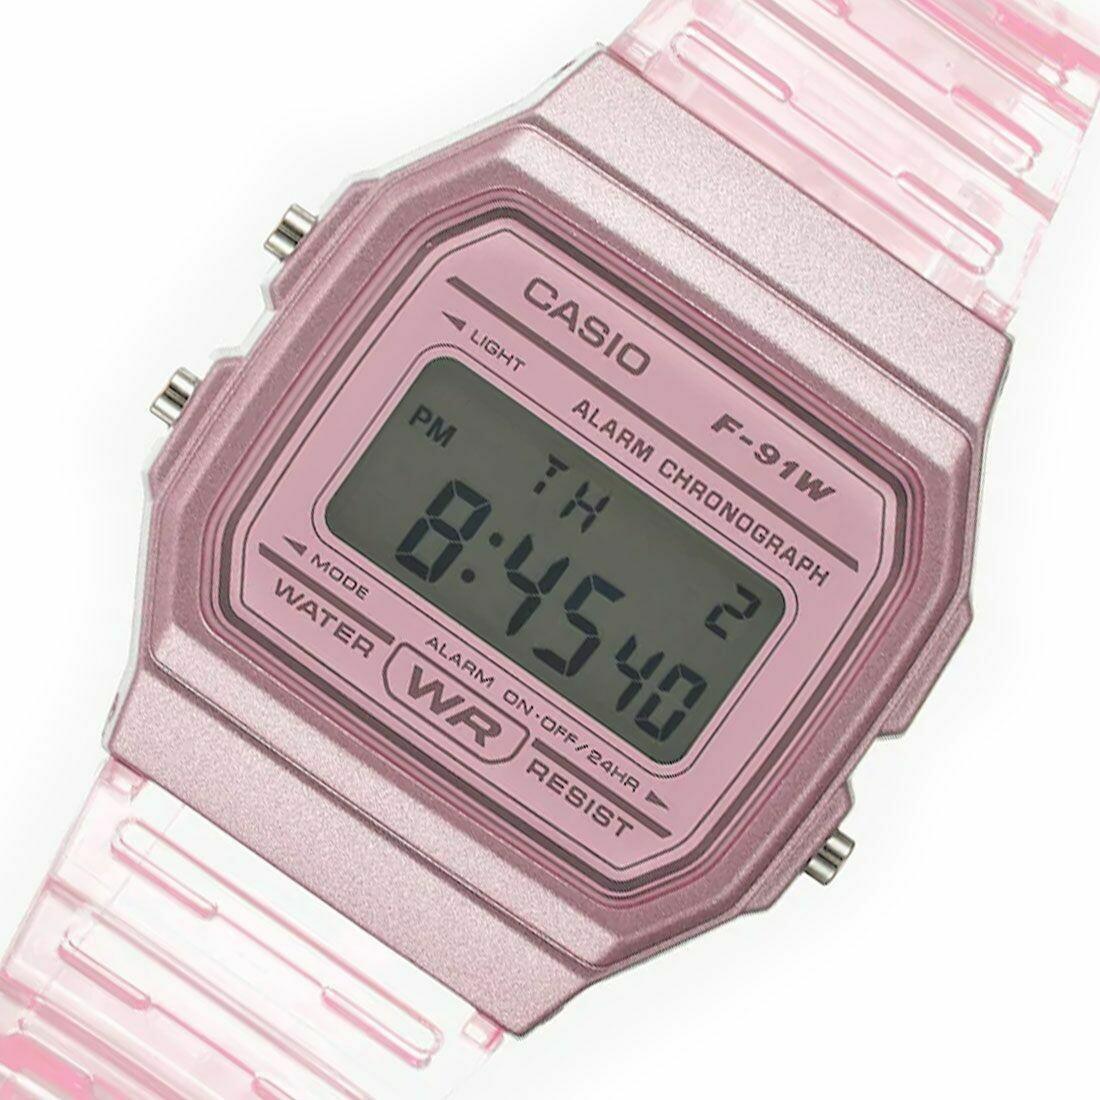 Reloj Clásico Casio F91WS-4 rosa correa resina 7 años batería alarma cronómetro